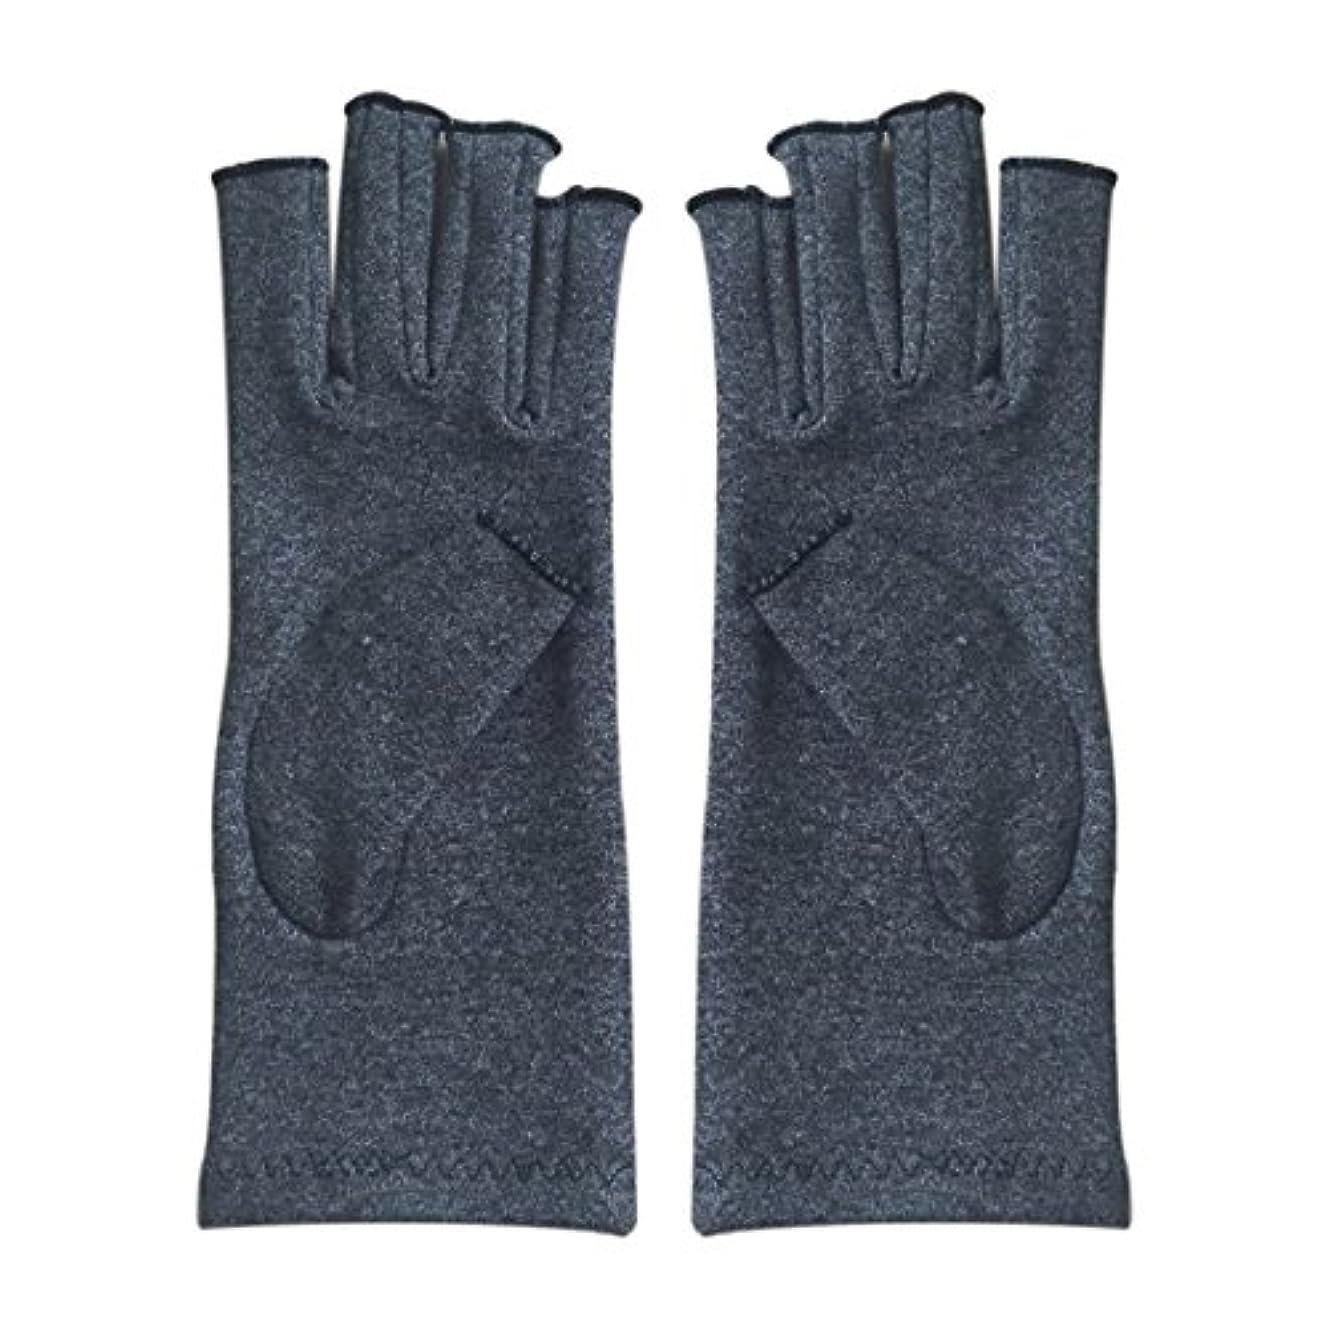 半ば申込み人形CUHAWUDBA 1ペア成人男性女性用弾性コットンコンプレッション手袋手関節炎関節痛鎮痛軽減S -灰色、S